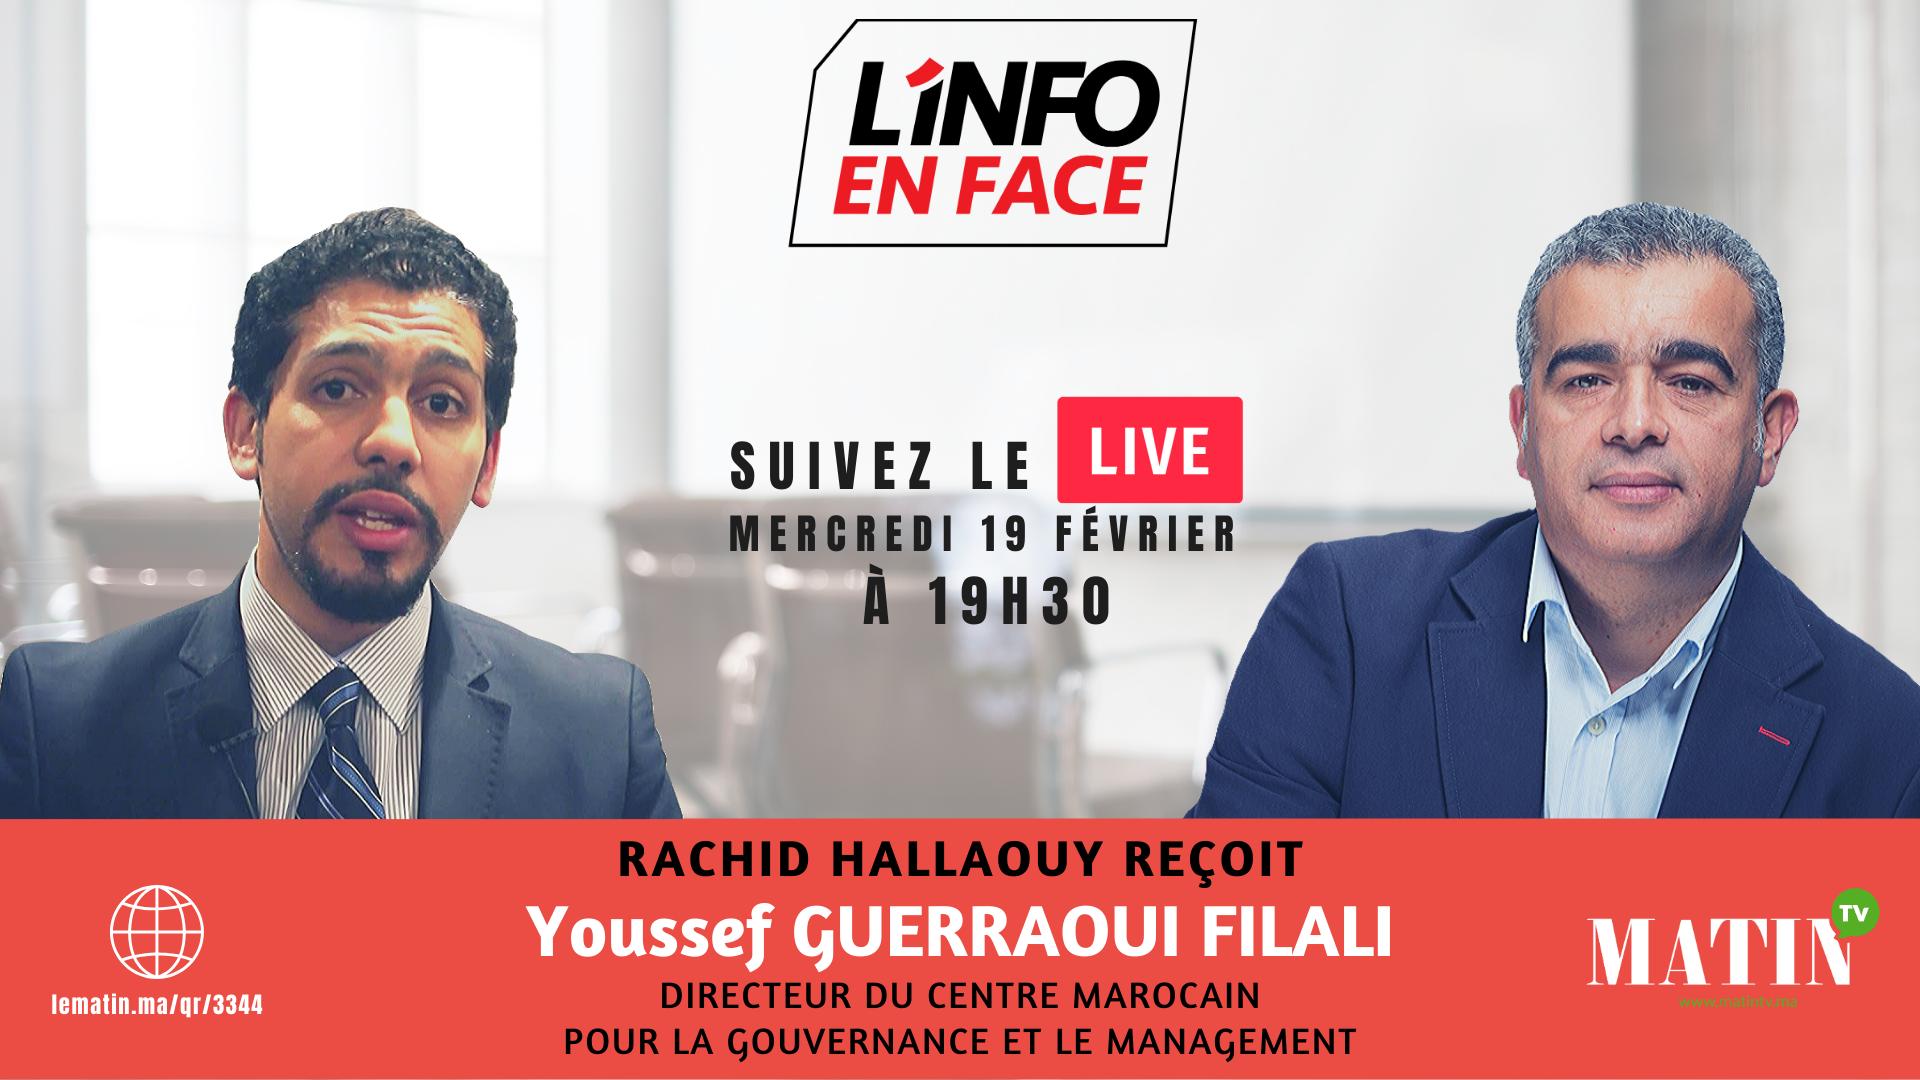 Live : L'Info en Face avec Youssef Guerraoui Filali